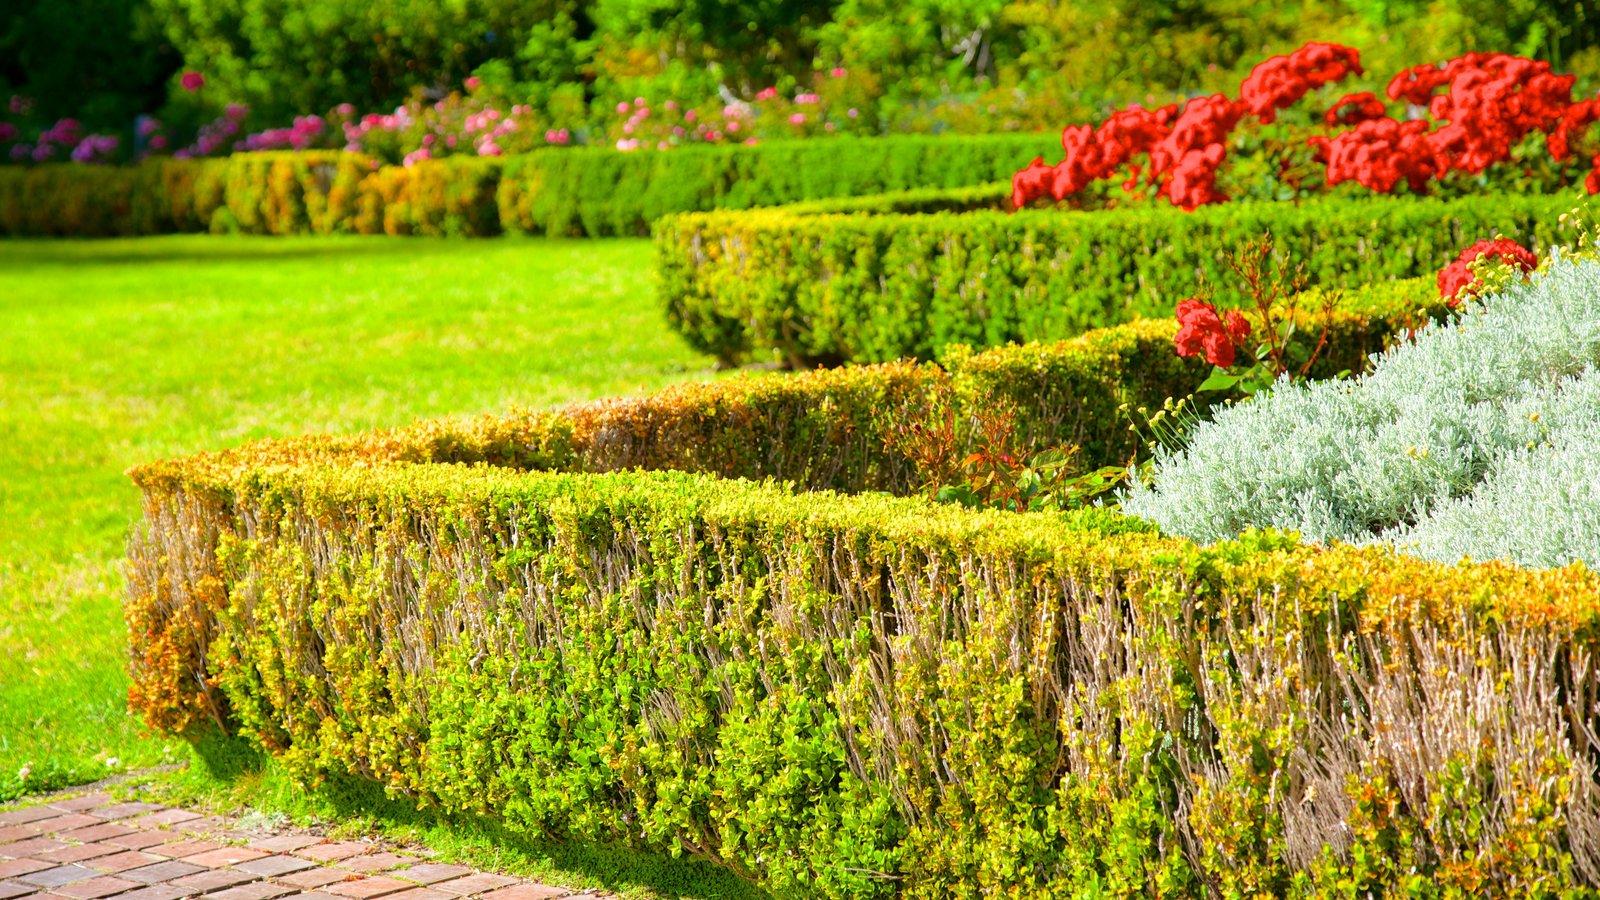 Parque estatal Shore Acres mostrando flores y un parque